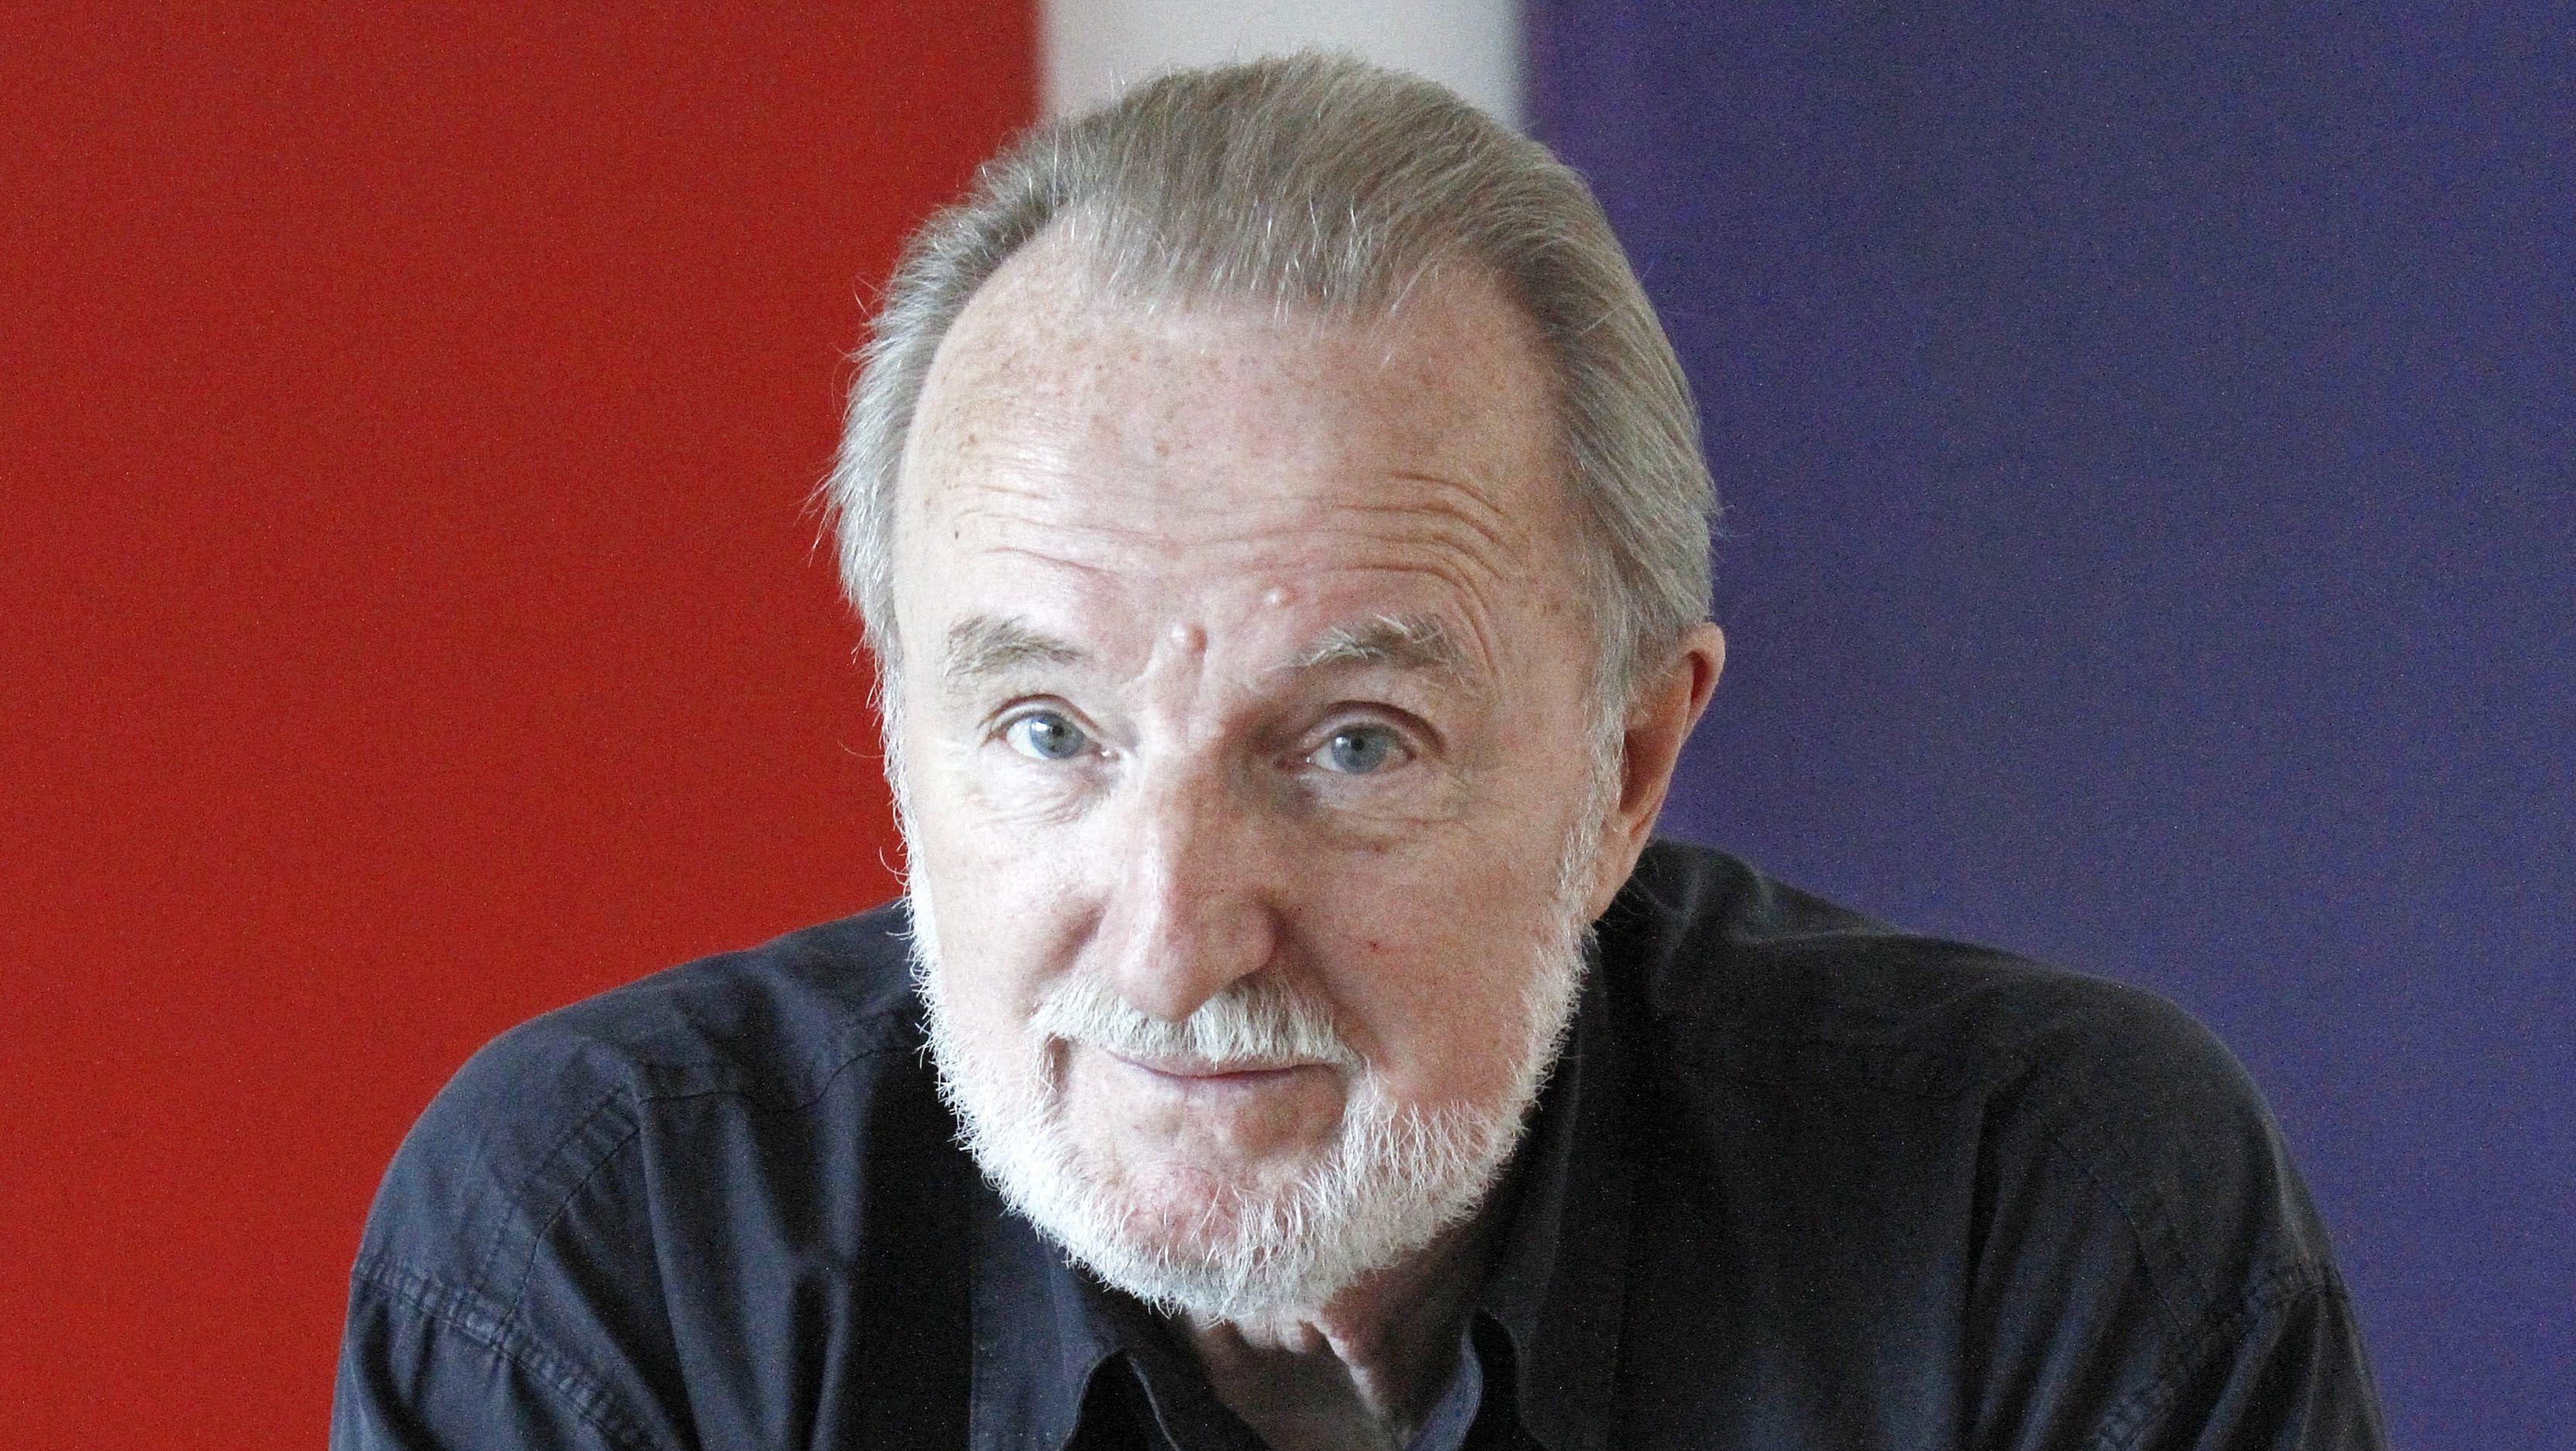 Sänger und Liedermacher Hannes Wader vor einem rot-weiß-blau-gestreiften Hintergrund